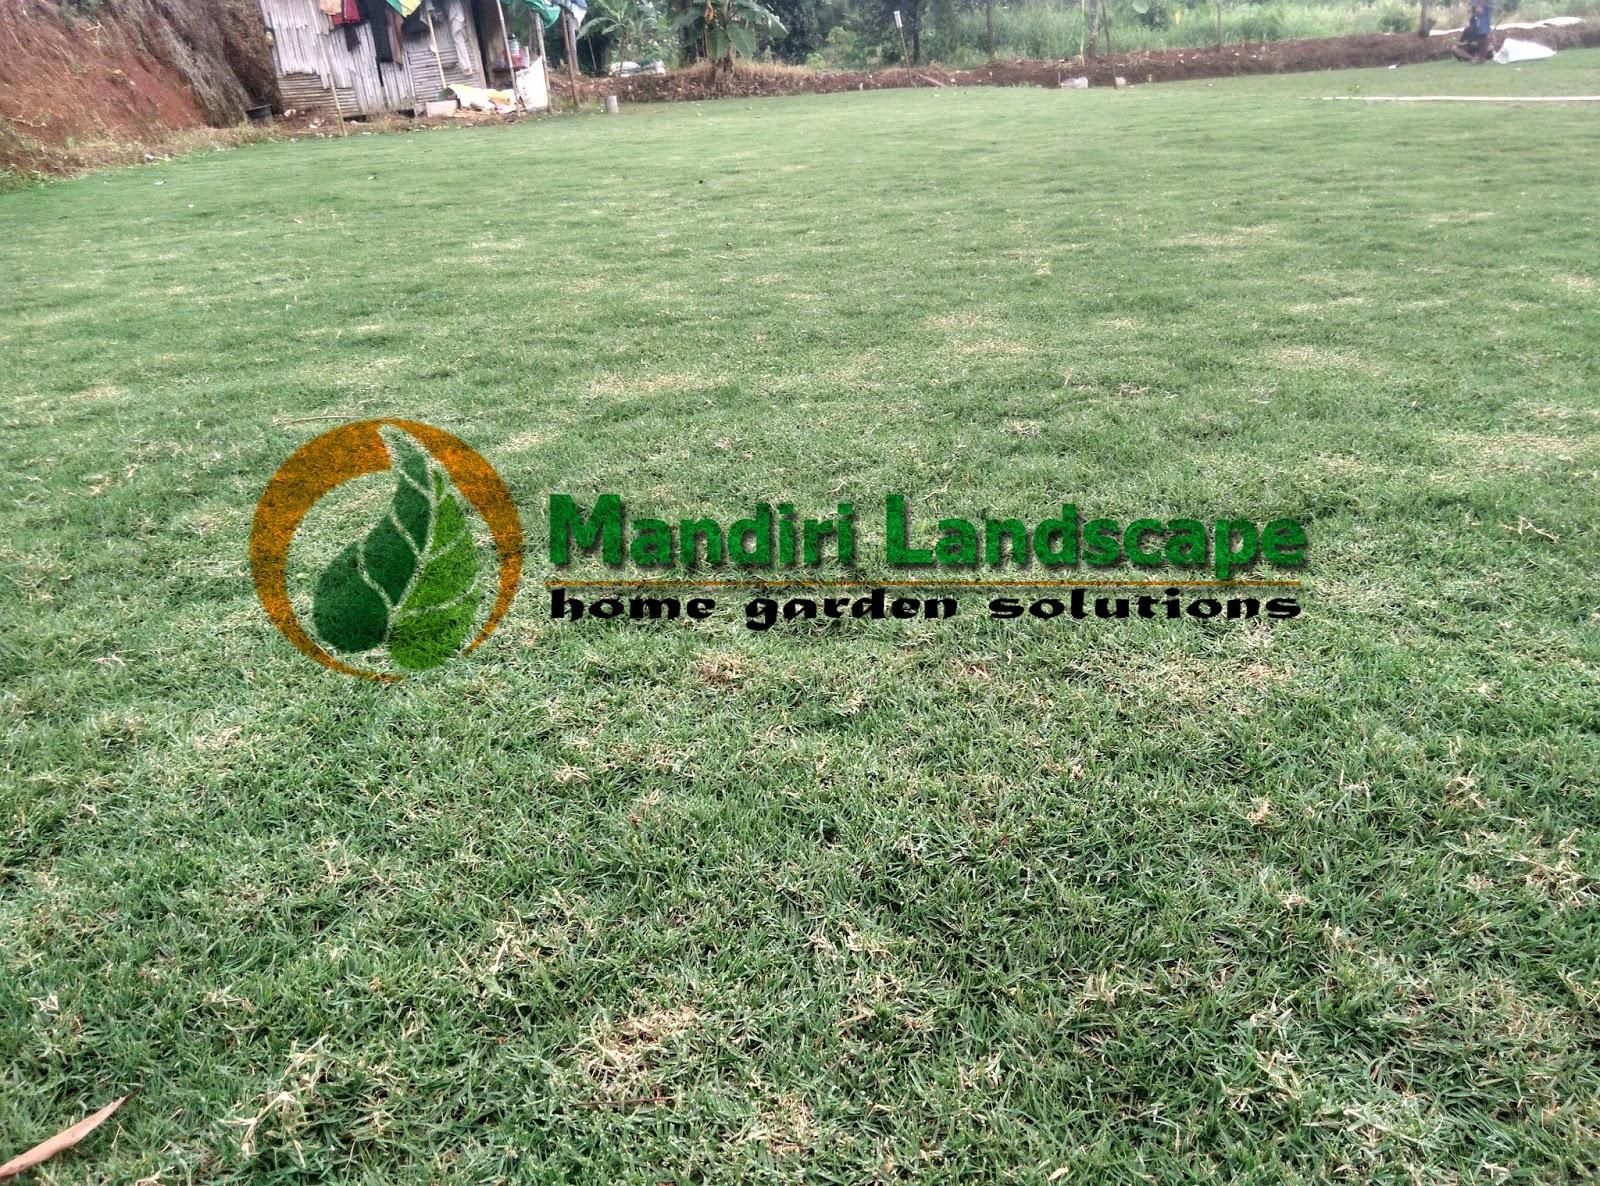 Supplier Benih Rumput Biji Grass Seed Jual Lapangan Bola Ditanam Pada Golf Banyak Juga Yang Menggunakan Ini Sebagai Taman Agar Terlihat Bagus Dan Subur Perlu Pemangkasan